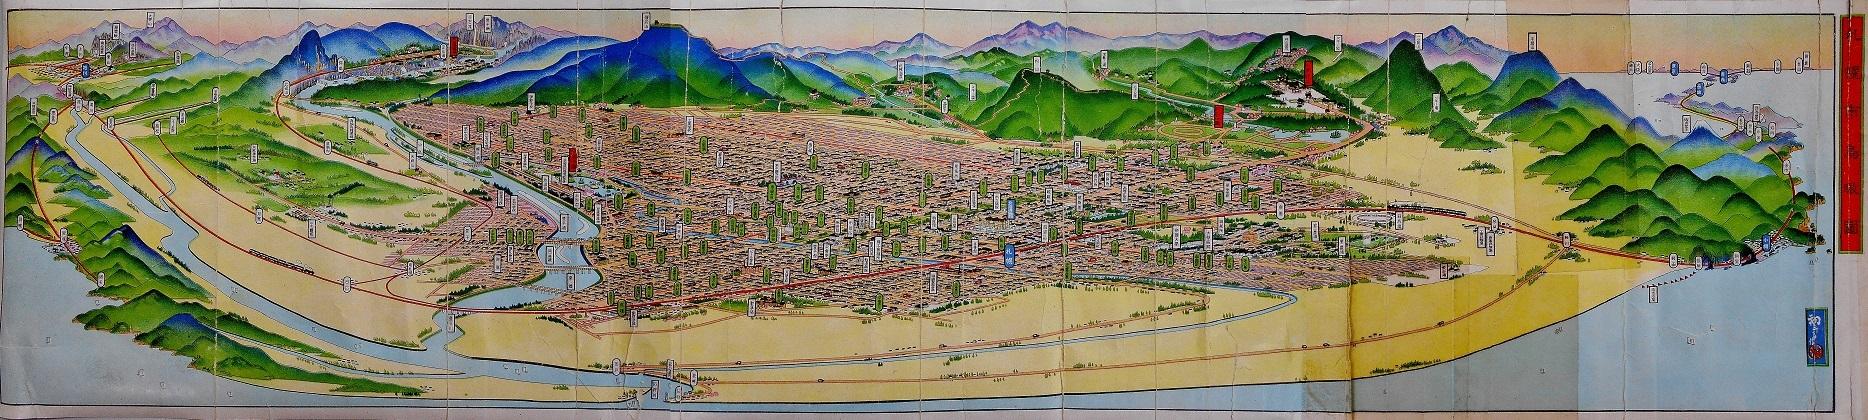 吉田初三郎 札幌市鳥瞰図 1931年